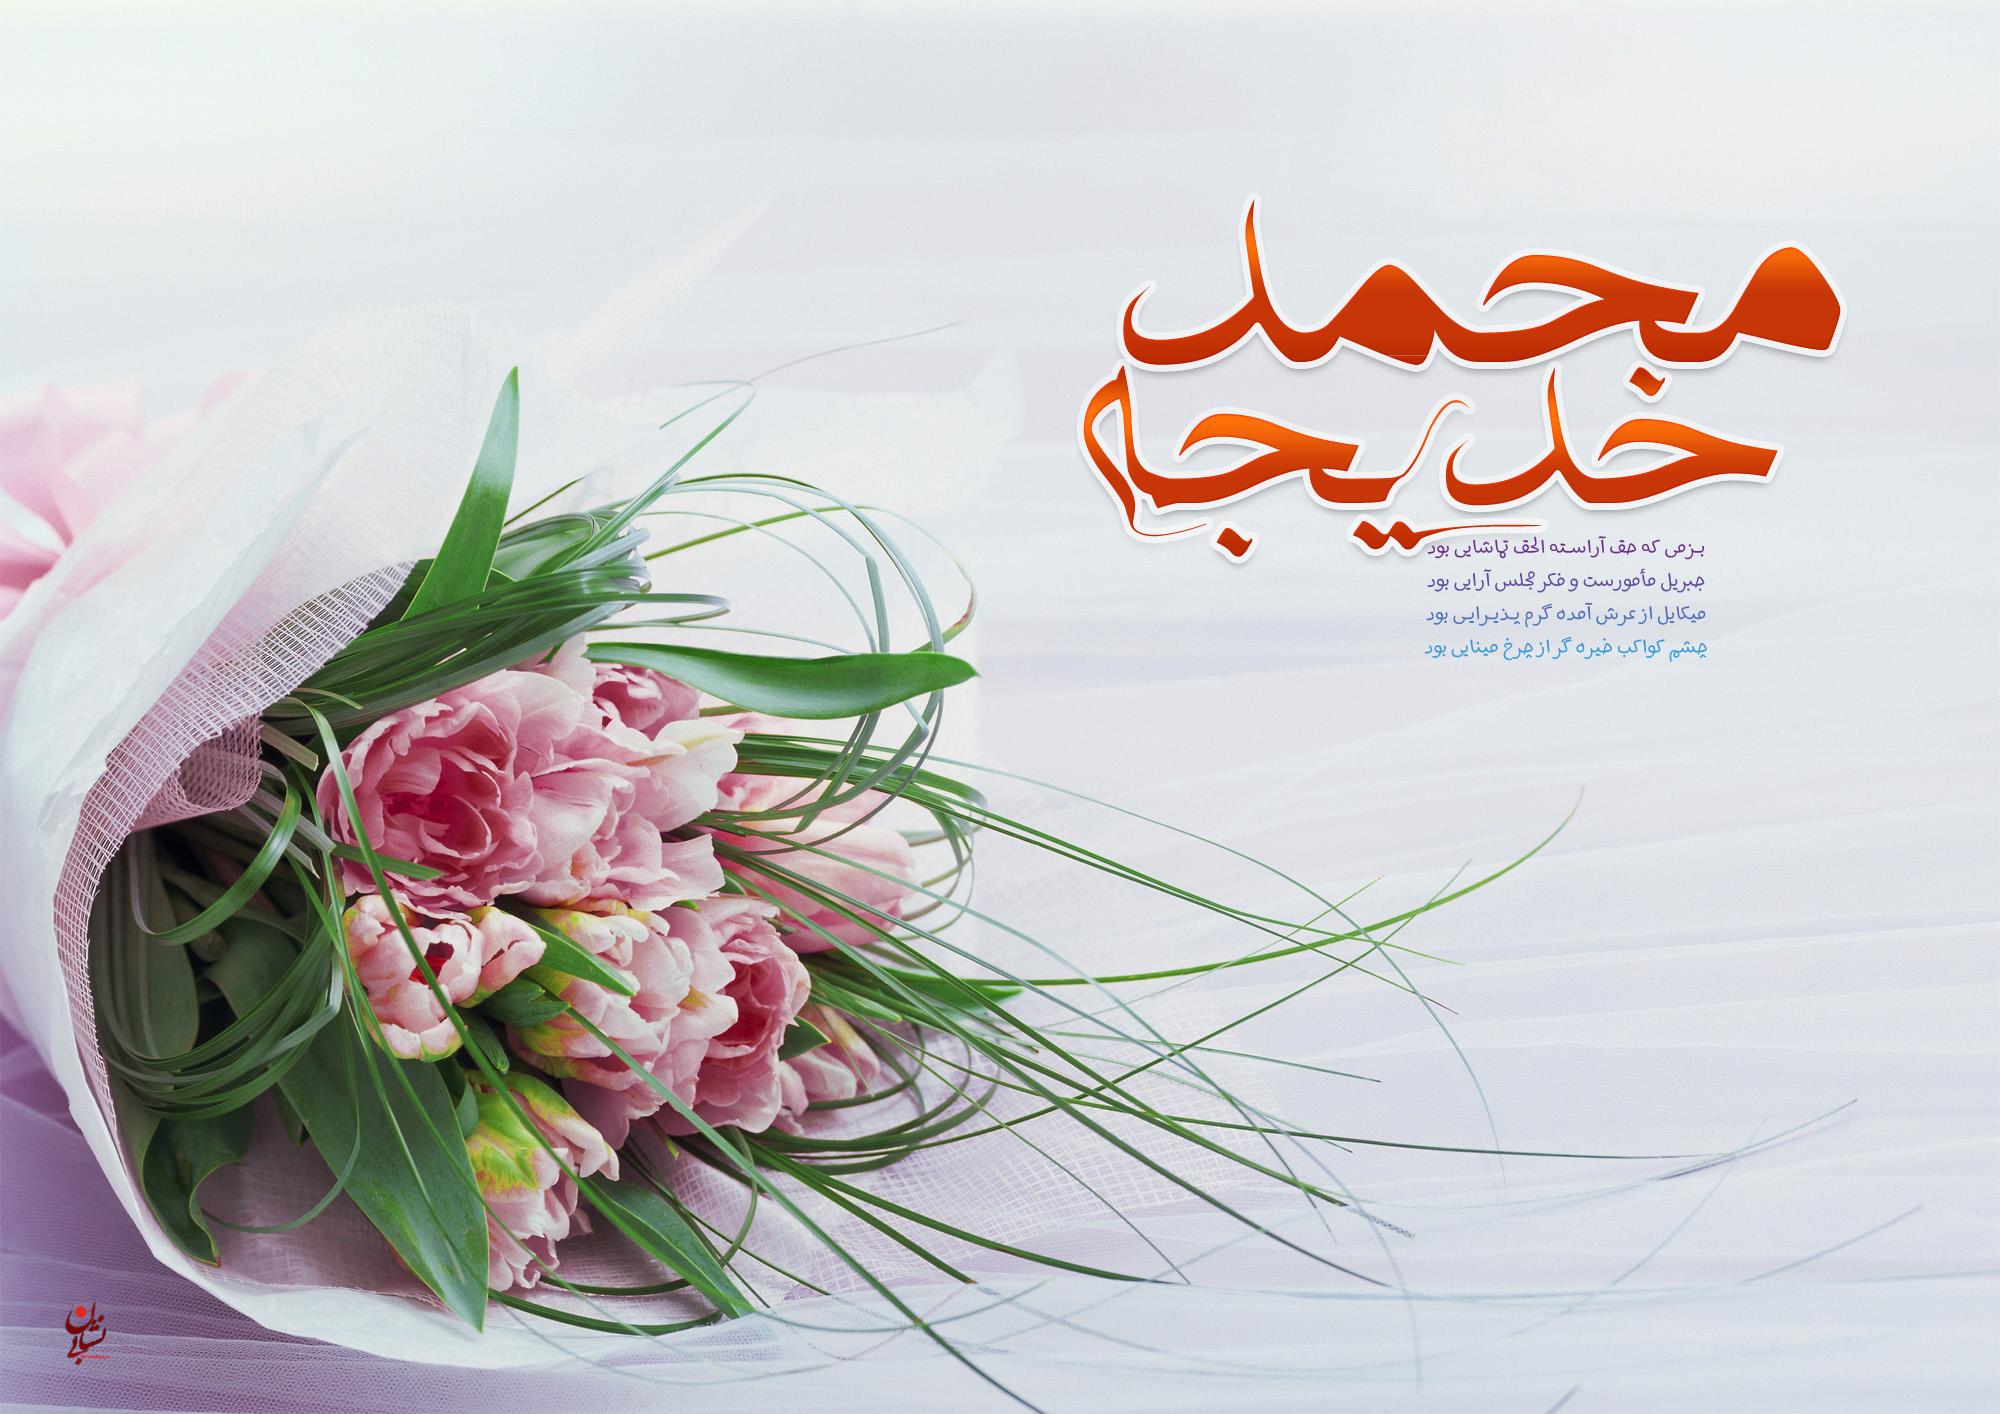 بهترین ازدواج از نظر پیامبر اکرم (ص) چگونه ازدواجی است؟ / مقام حضرت خدیجه از نگاه پیامبر اکرم (ص)